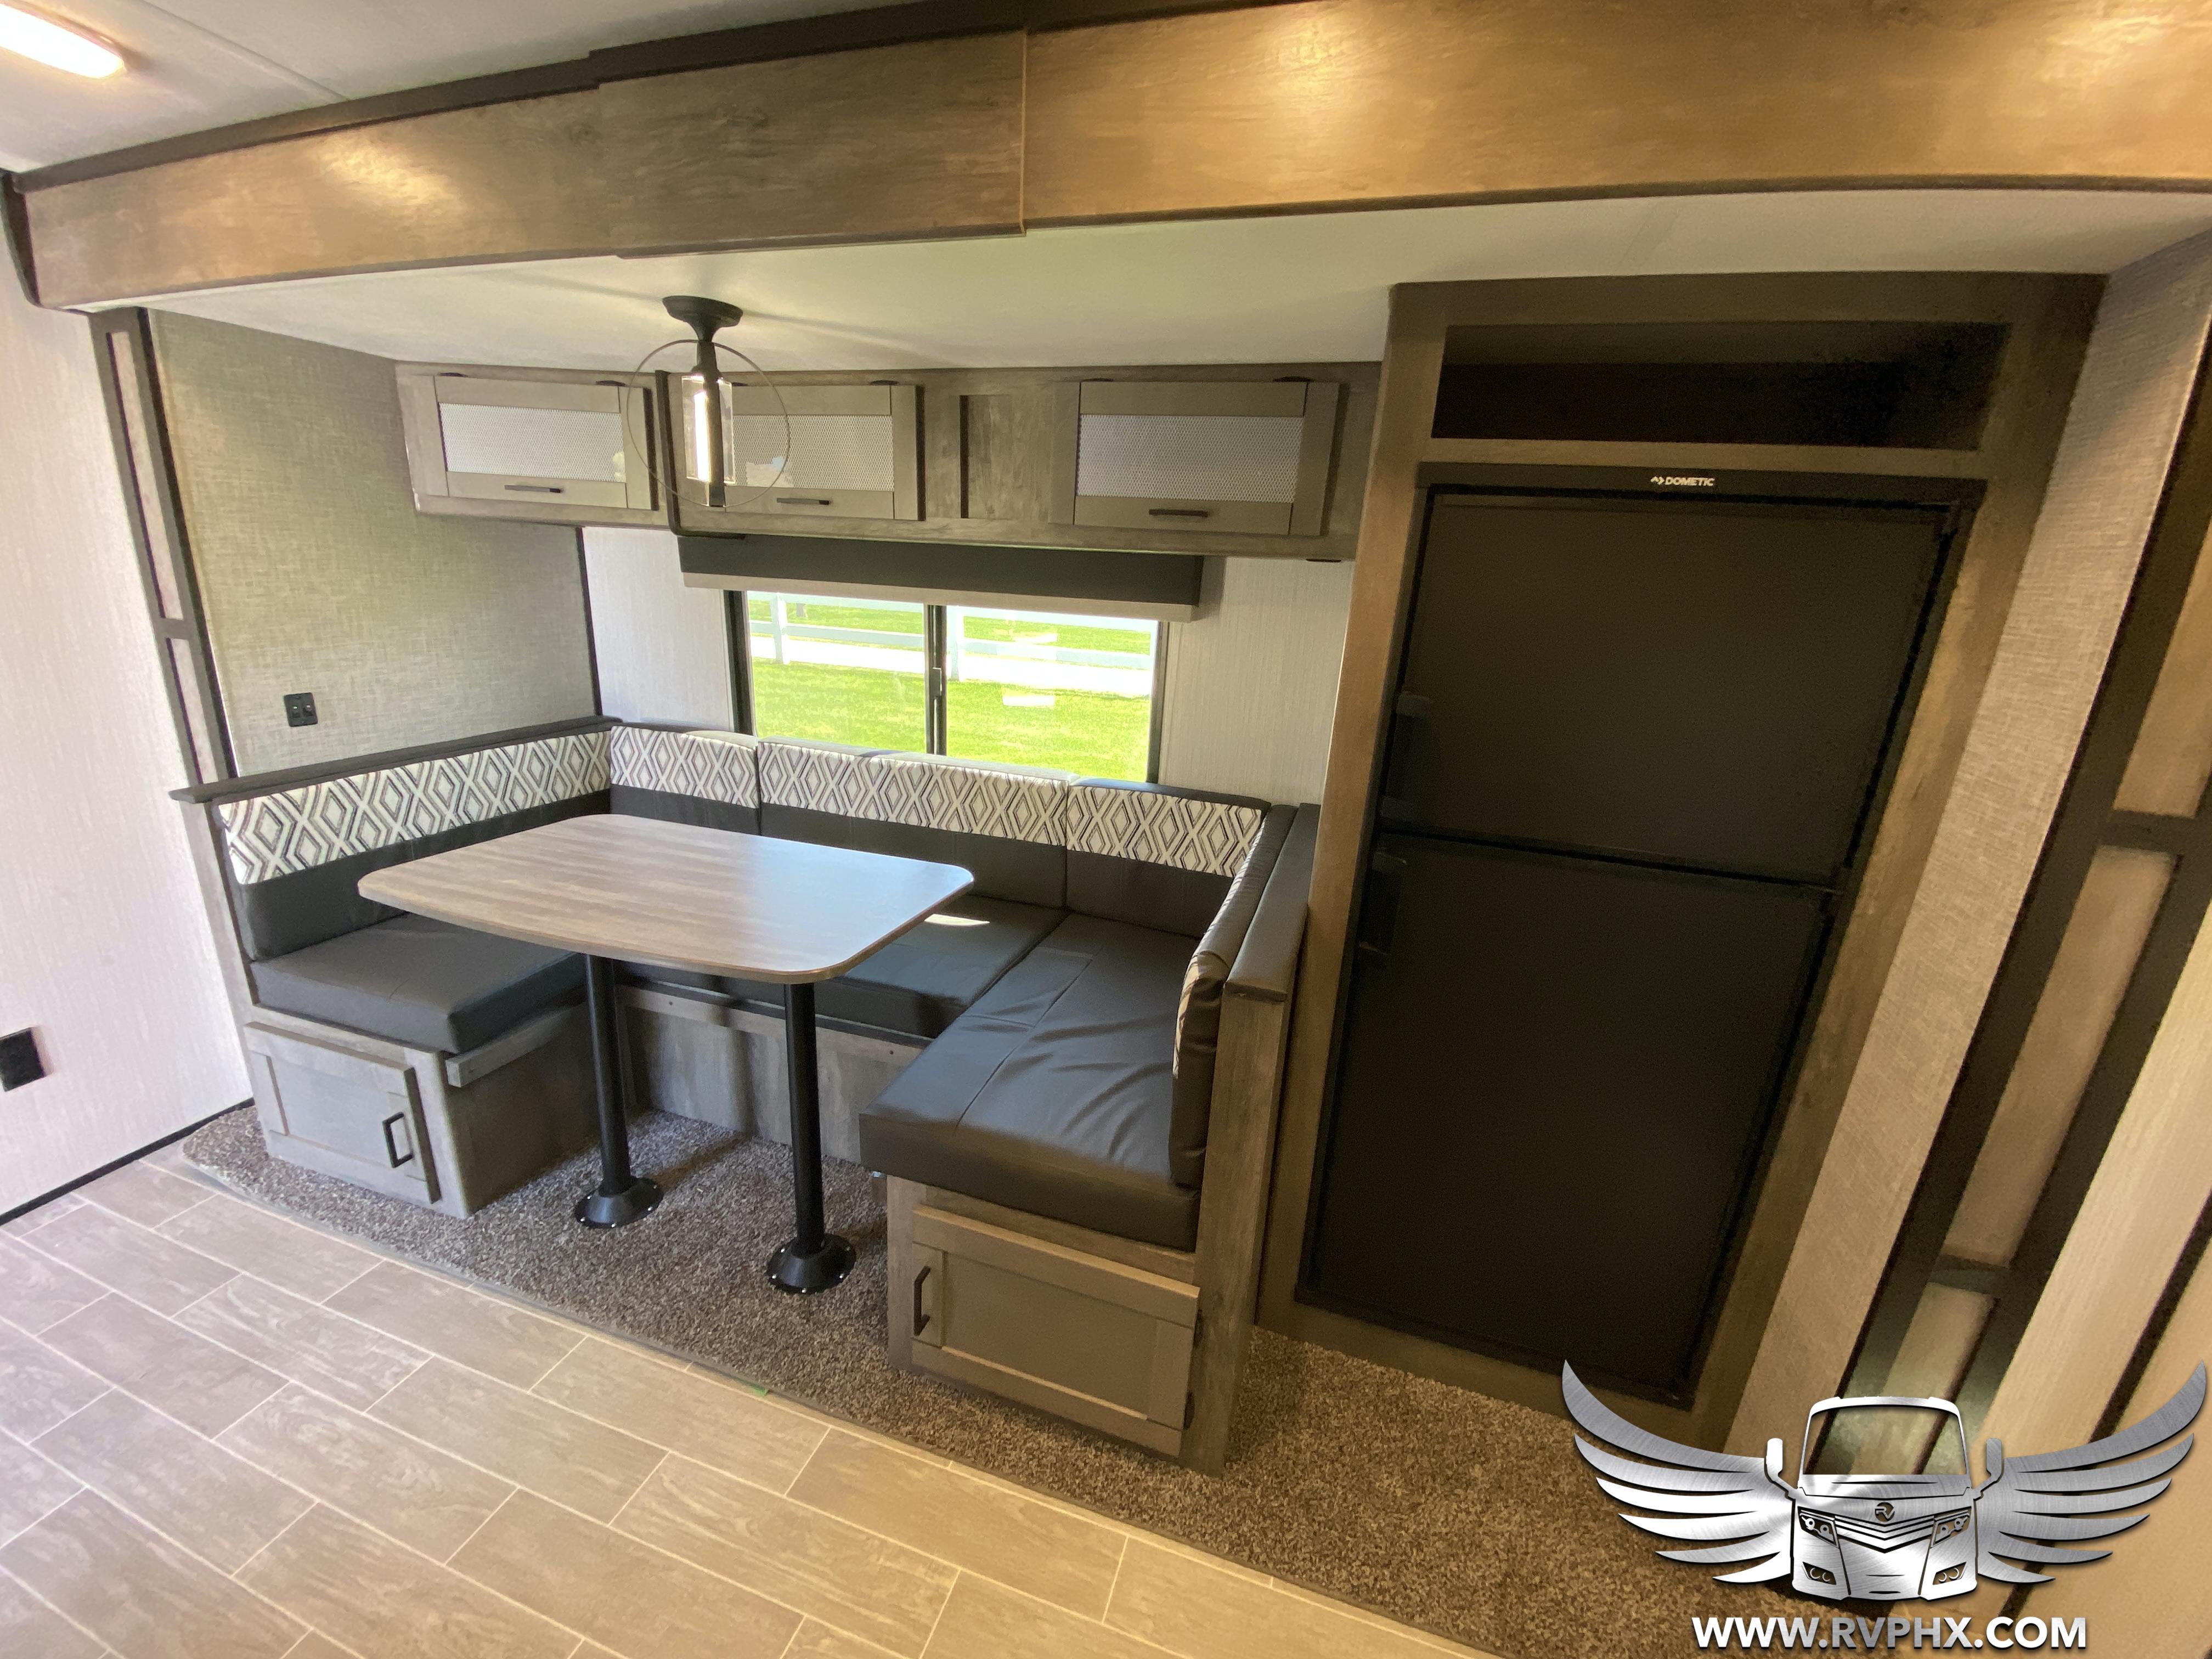 2510bh refrigerator